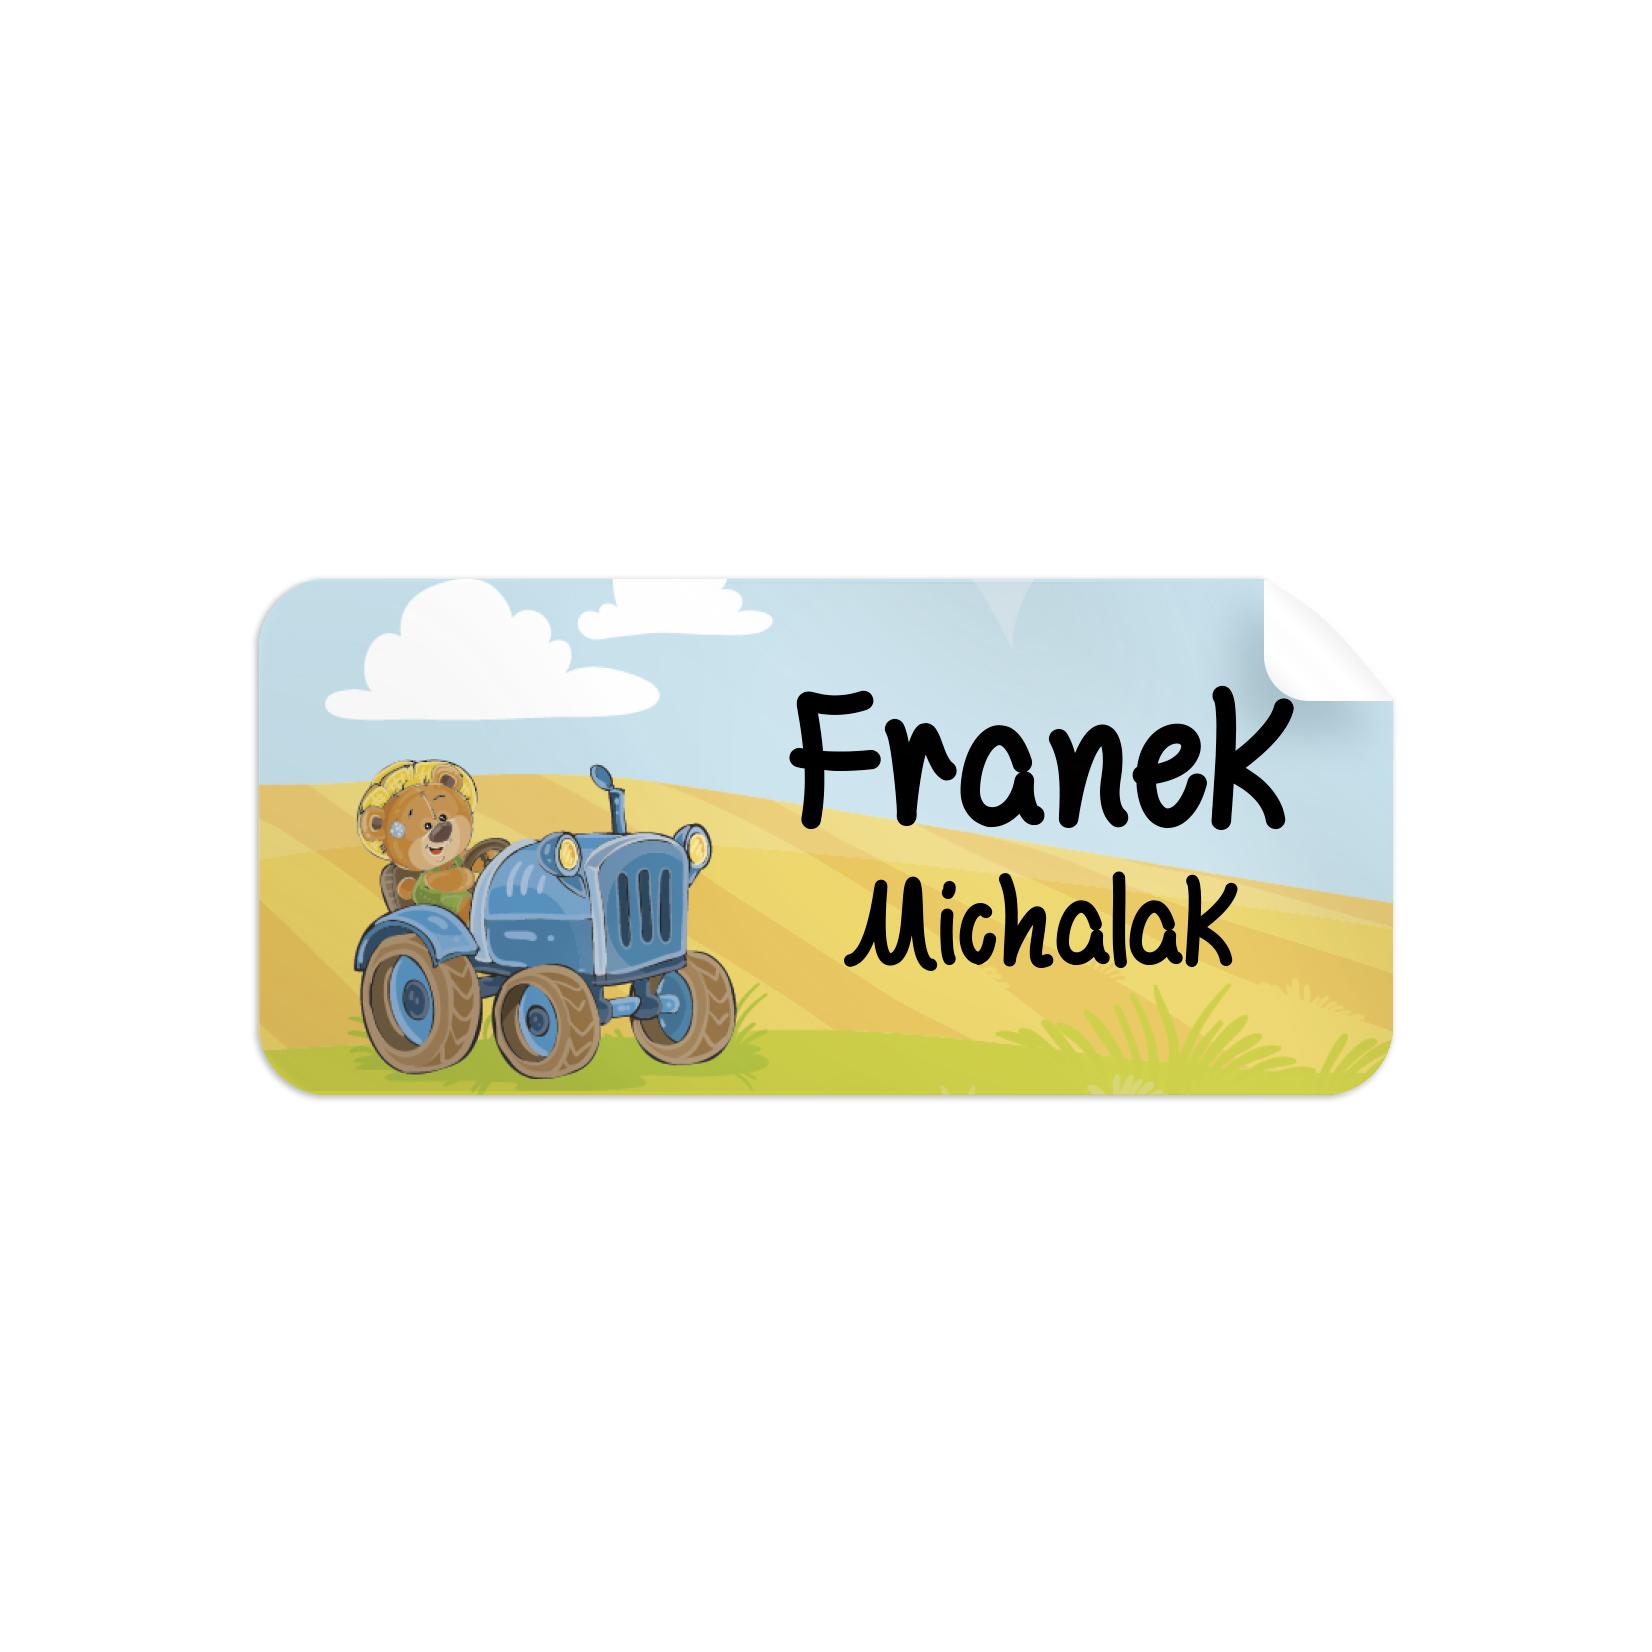 Naklejki szkolne imienne imienniki na zeszyty przybory szkolne traktor